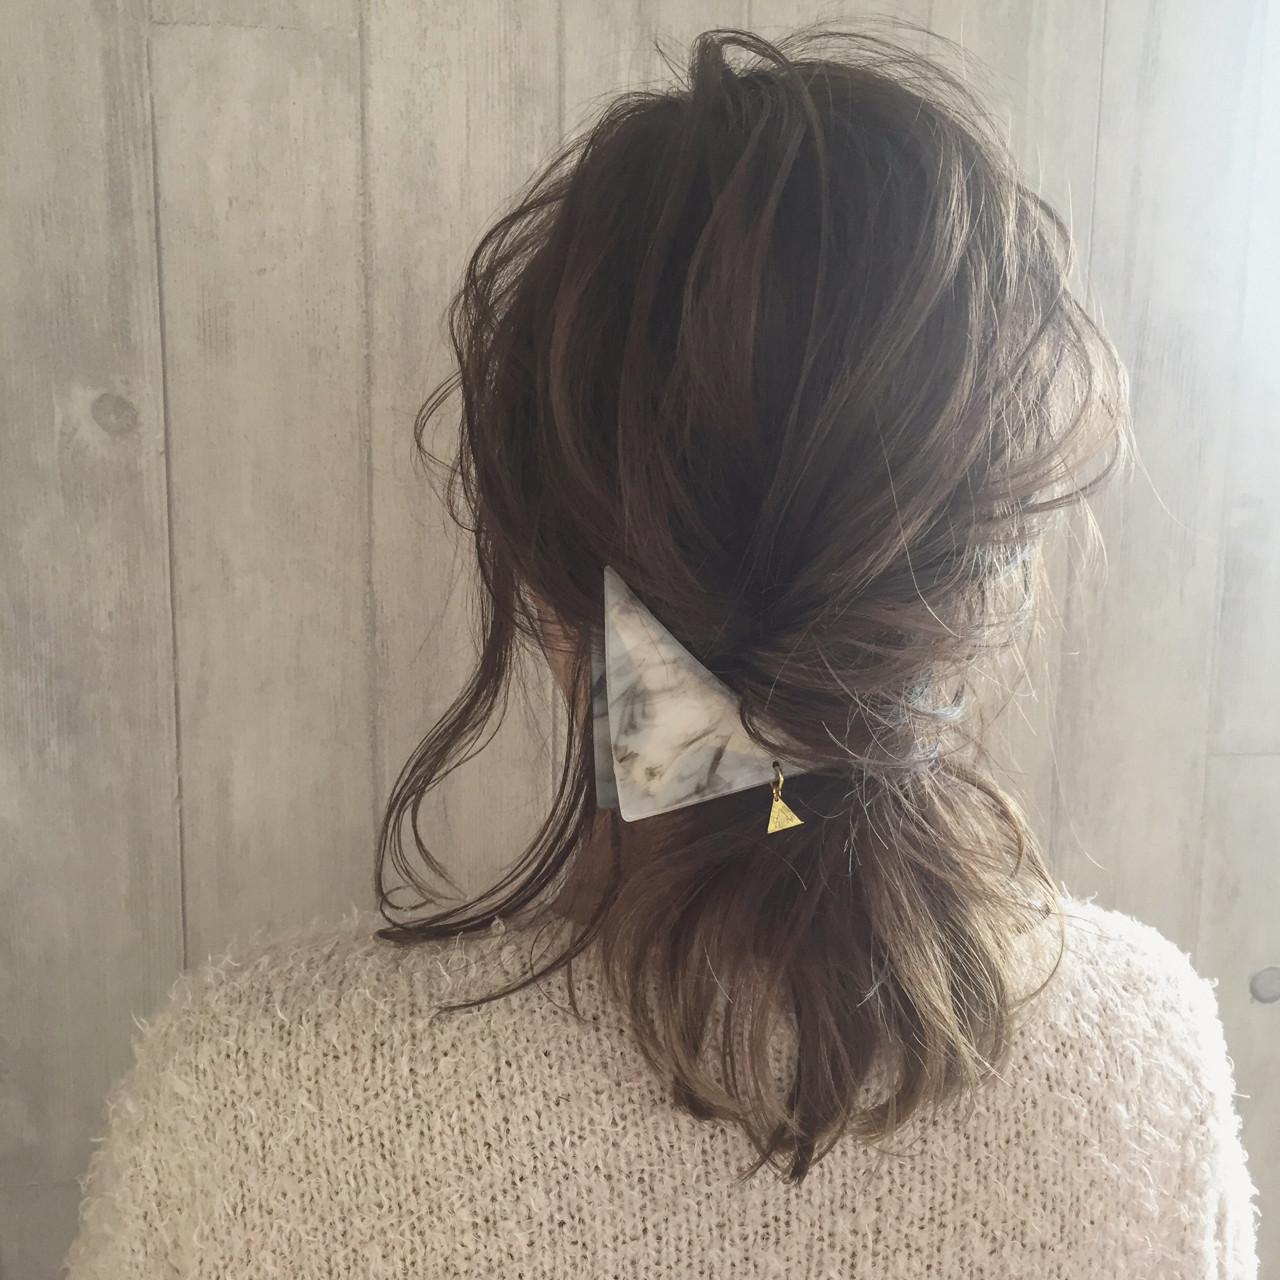 ヘアアレンジ 外国人風 簡単ヘアアレンジ 三角クリップ ヘアスタイルや髪型の写真・画像